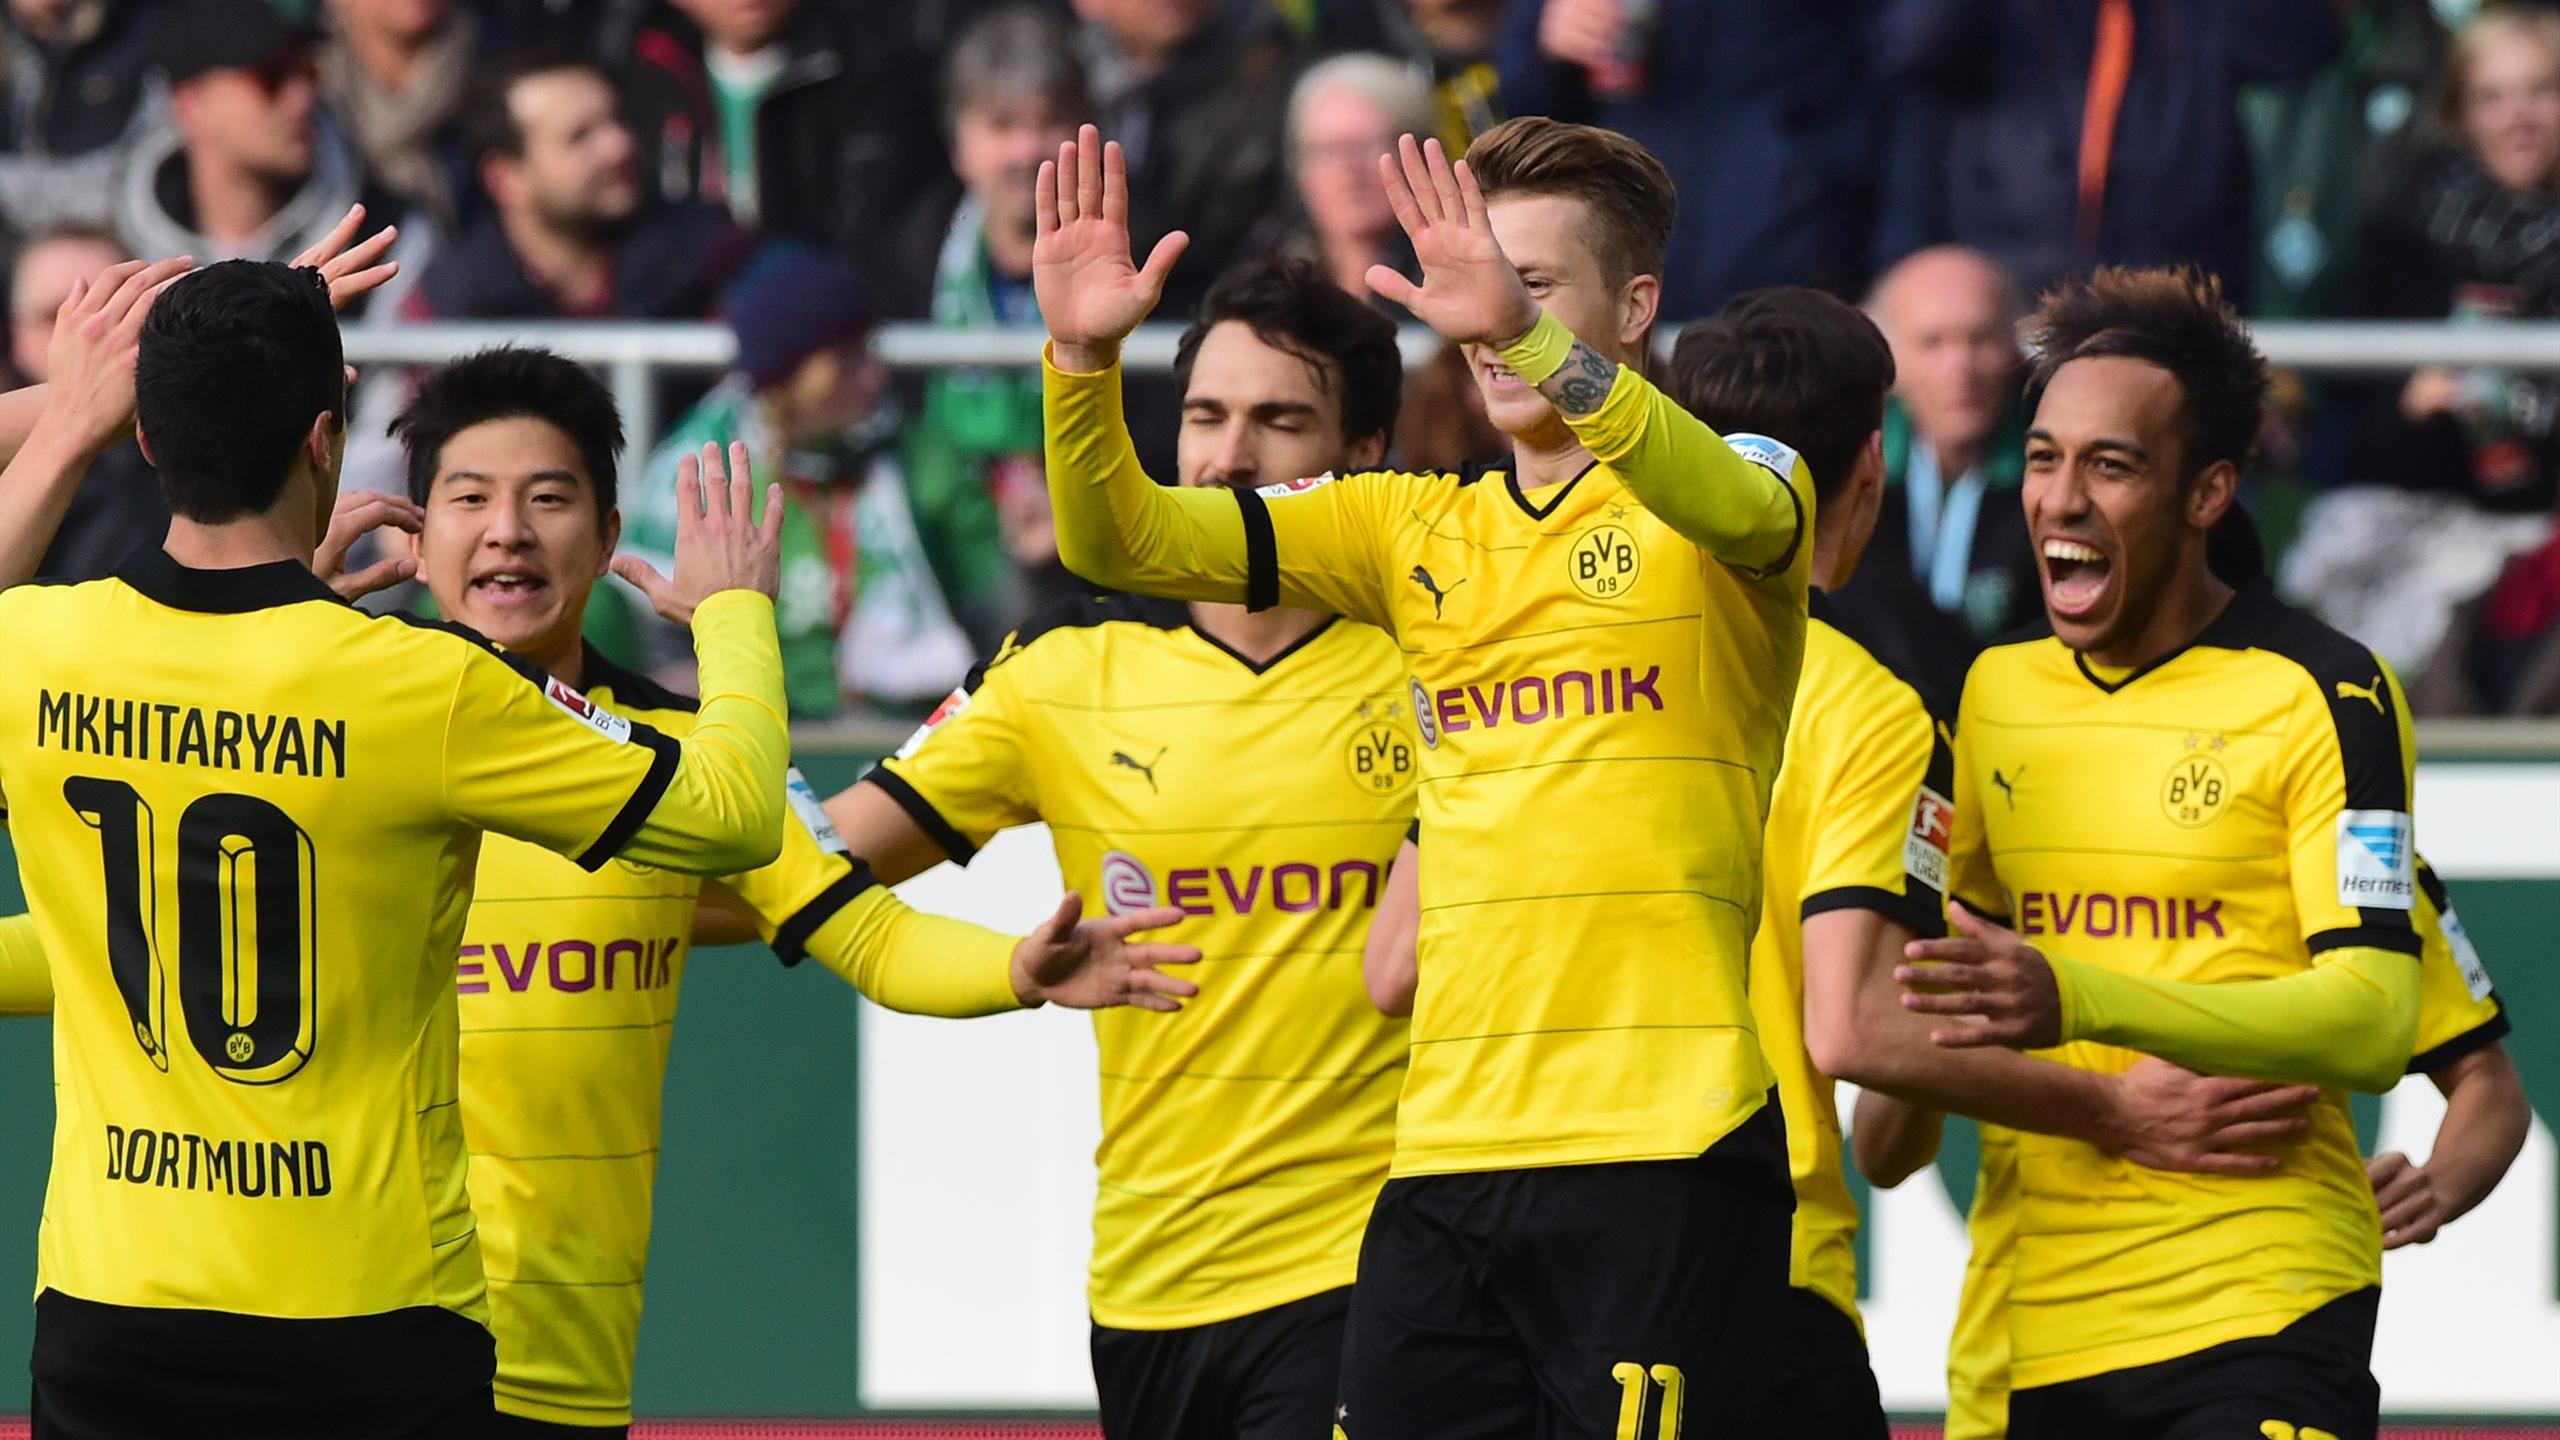 Marco Reus et Henrikh Mkhitaryan se congratulent lors de Dortmund-Brême